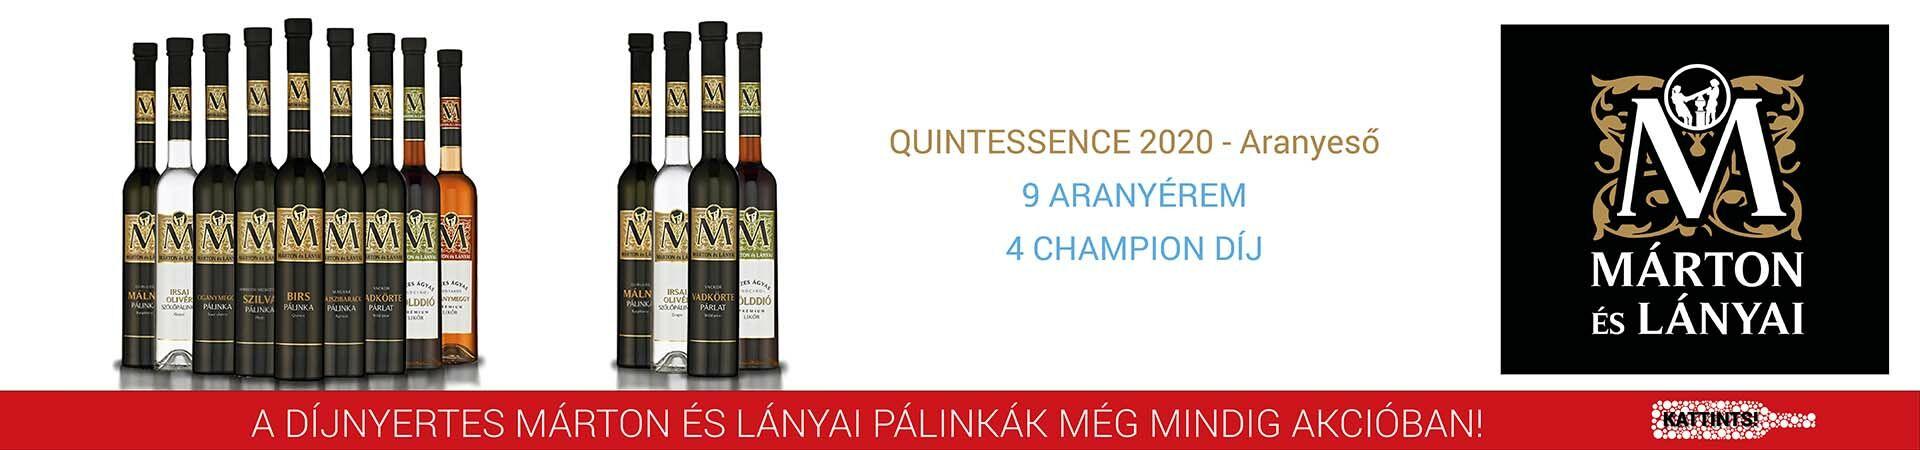 marton-es-lanyai-palinakakóstoló-winetalkshow